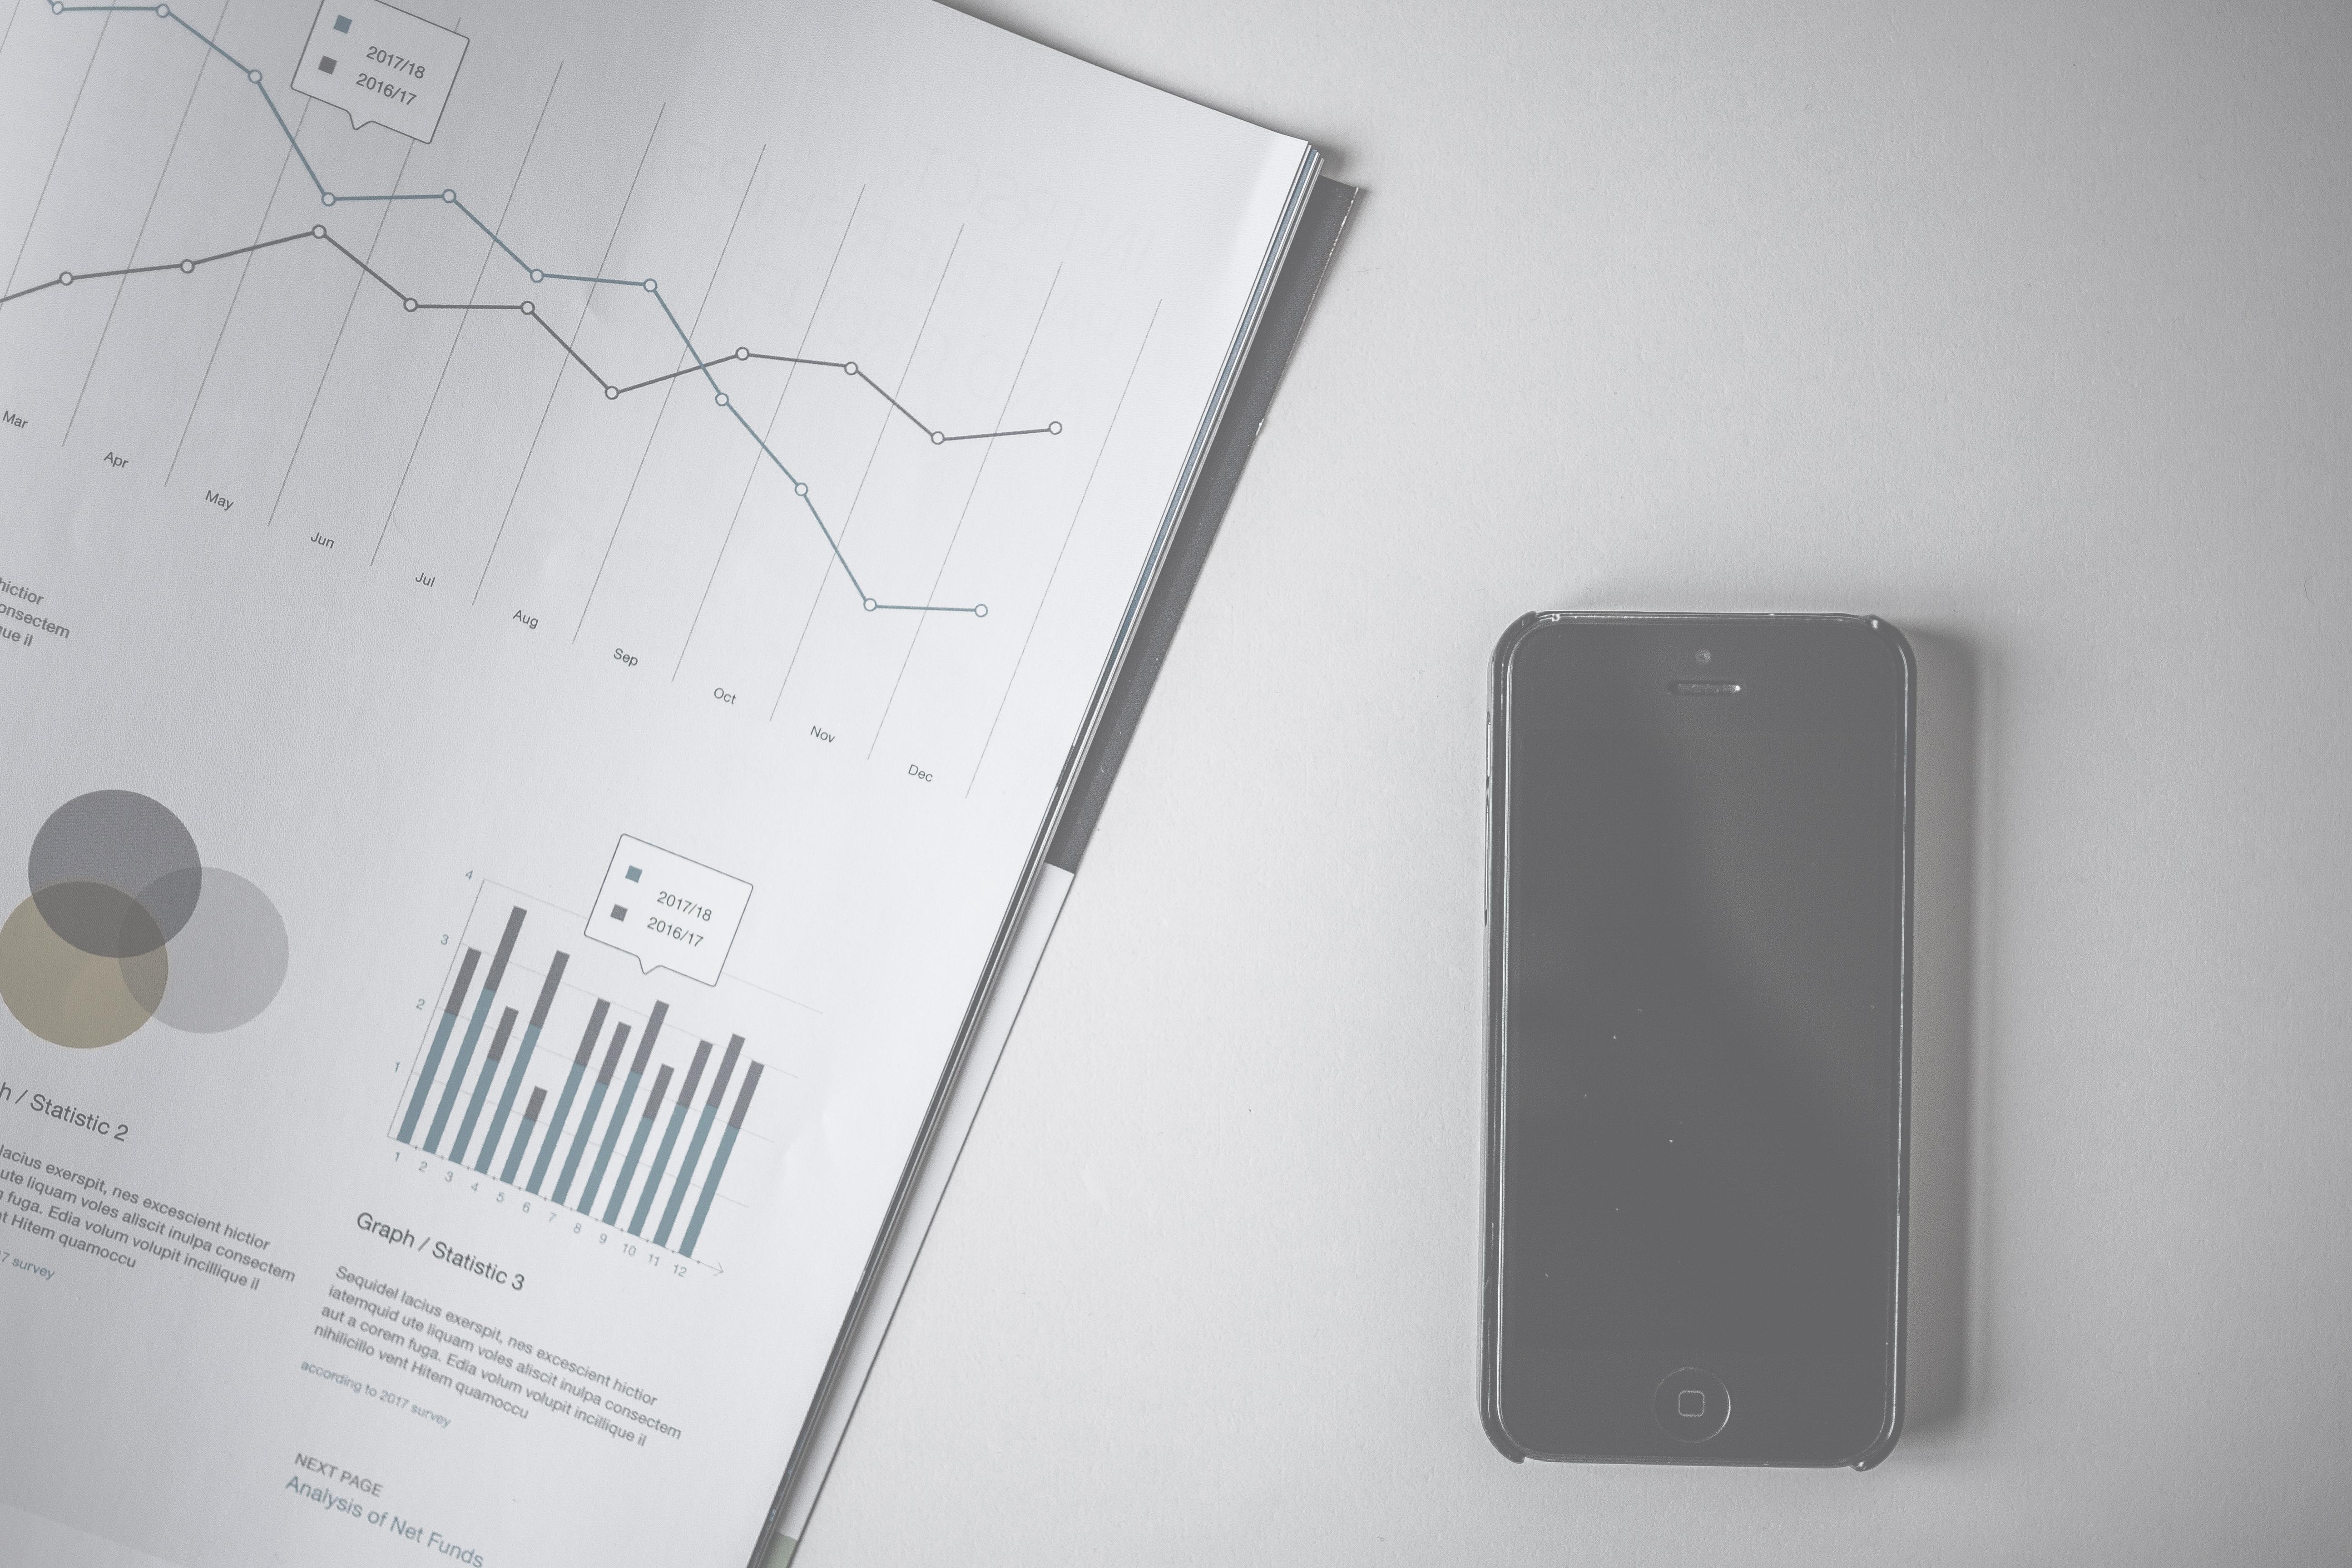 Samen met uw organisatie een betekenisvol HR rapport ontwikkelen dat bijdraagt aan het optimaliseren van HRM activiteiten en het behalen van doelstellingen.